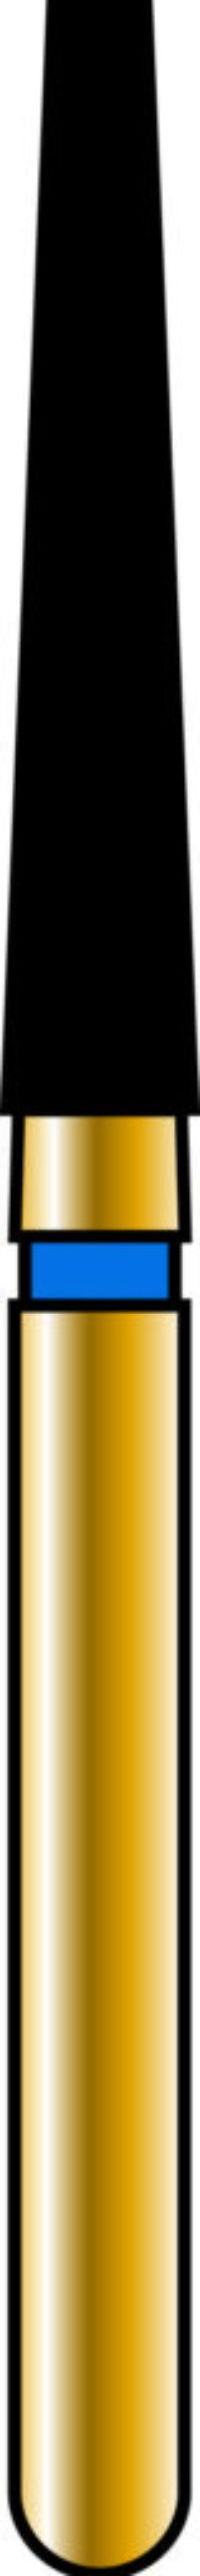 Flat End Taper 18-10mm Gold Diamond Bur - Coarse Grit